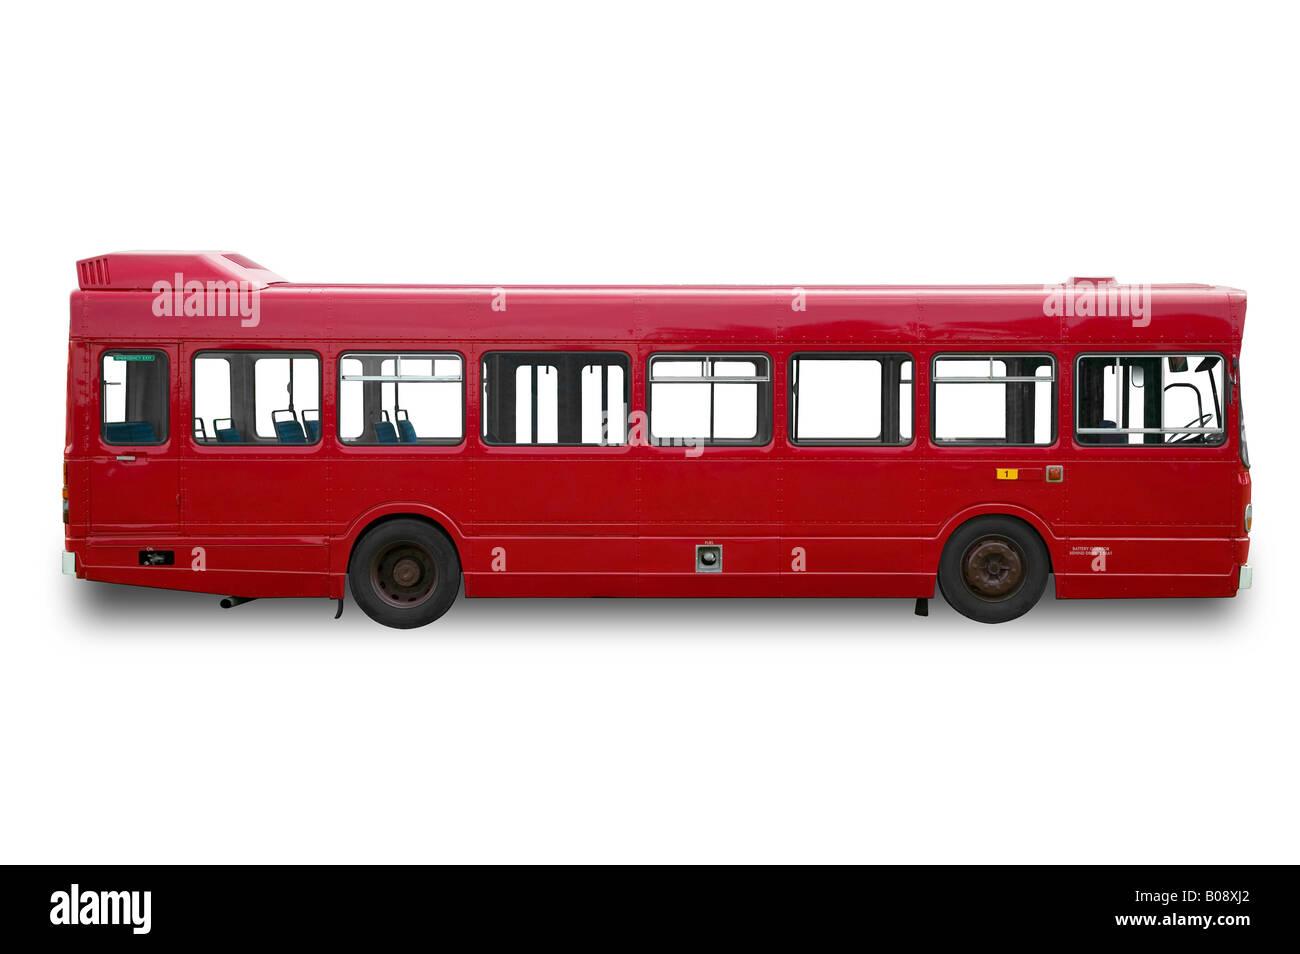 Rosso a ponte unico pullman bus isolata su uno sfondo bianco Immagini Stock